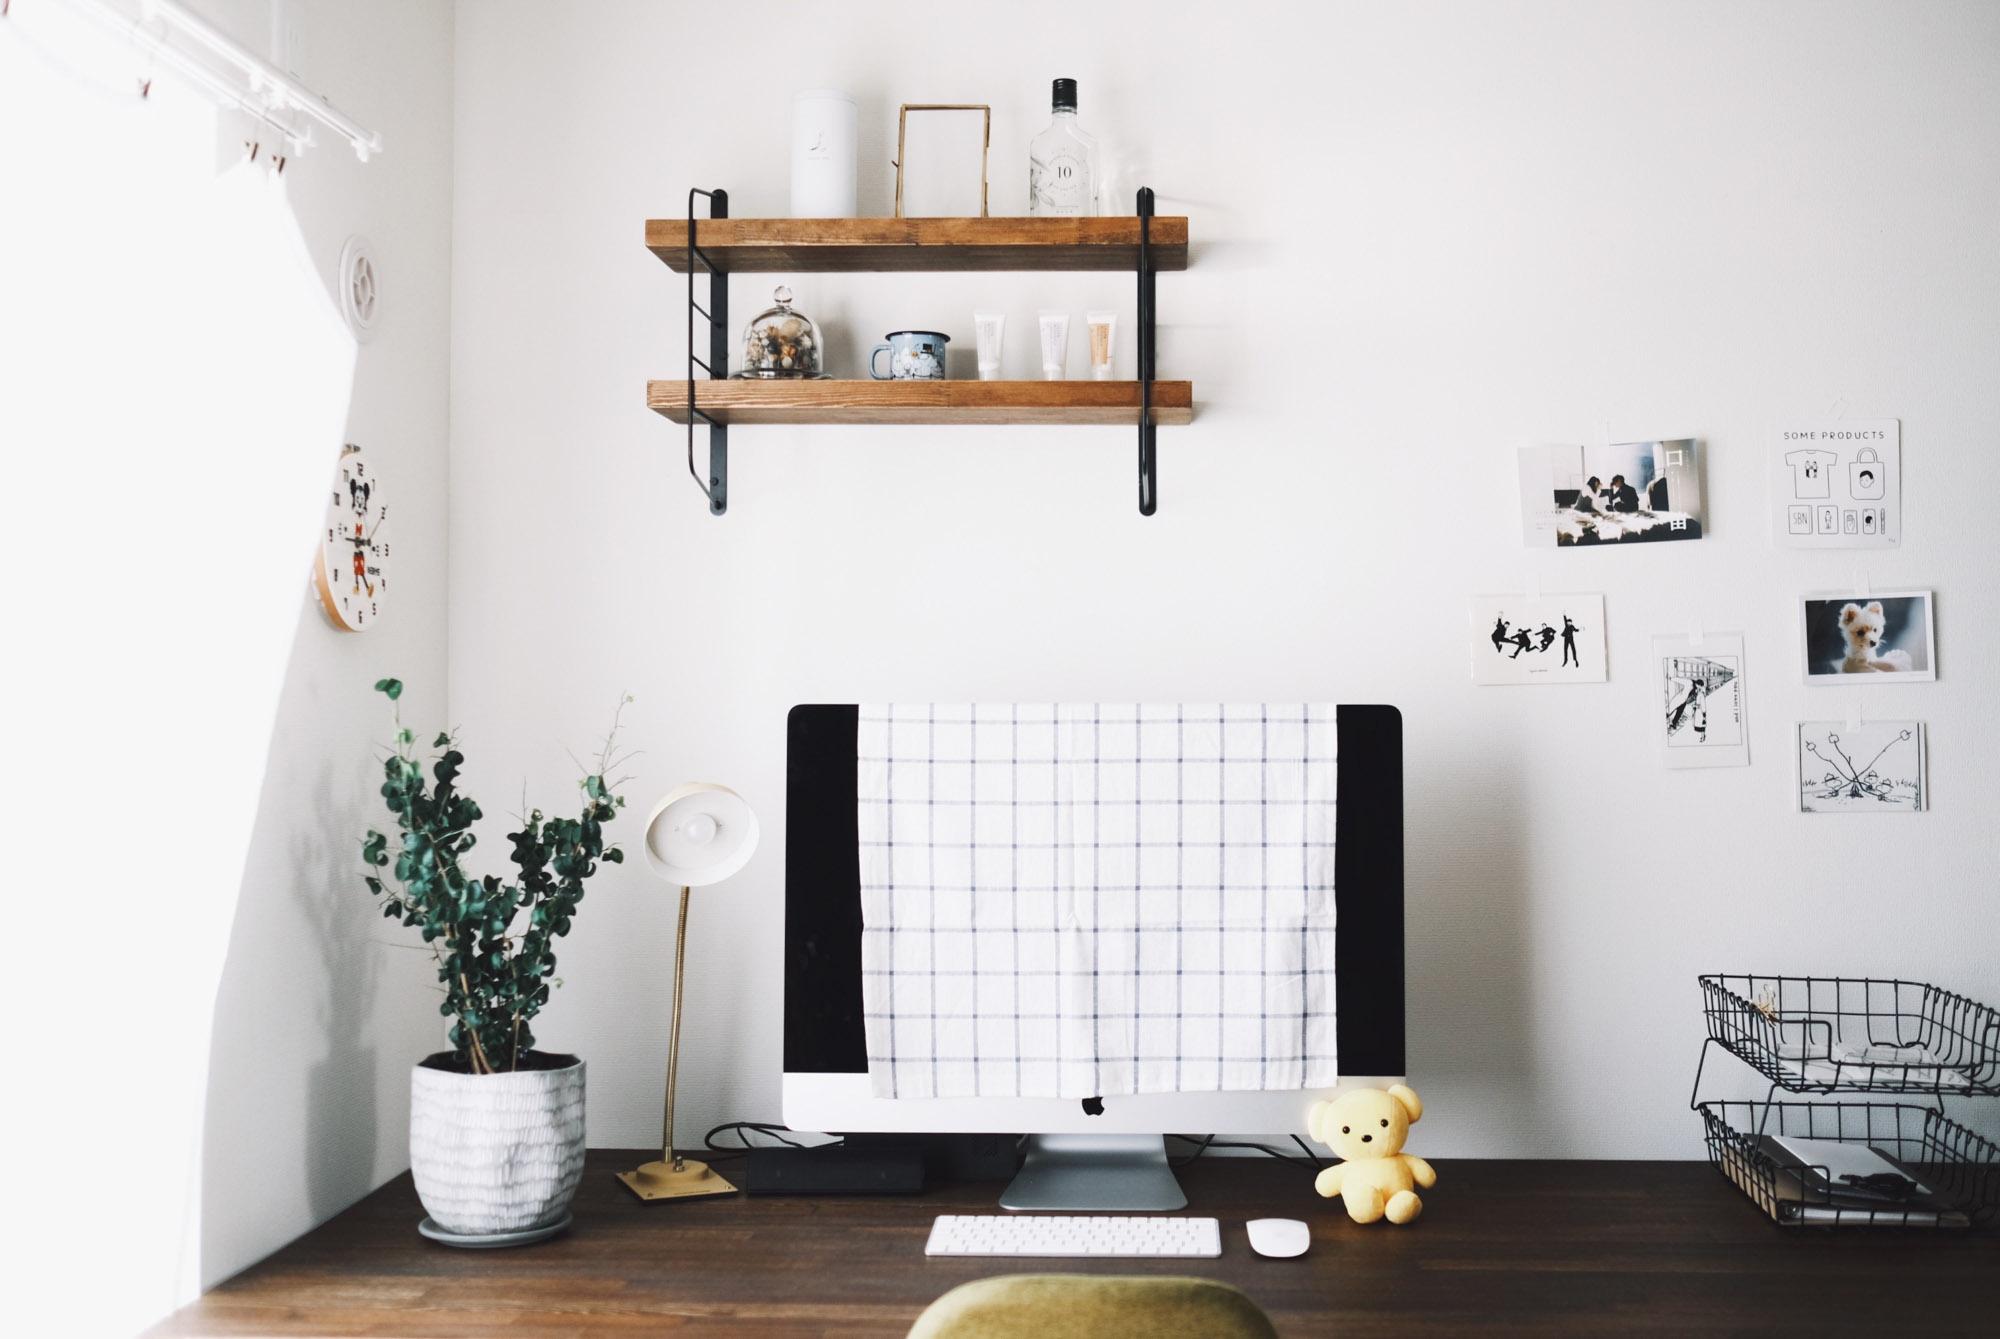 壁には賃貸OKのラブリコの棚受けをつけ、余った端材を組み合わせてちょっとした飾り棚に。